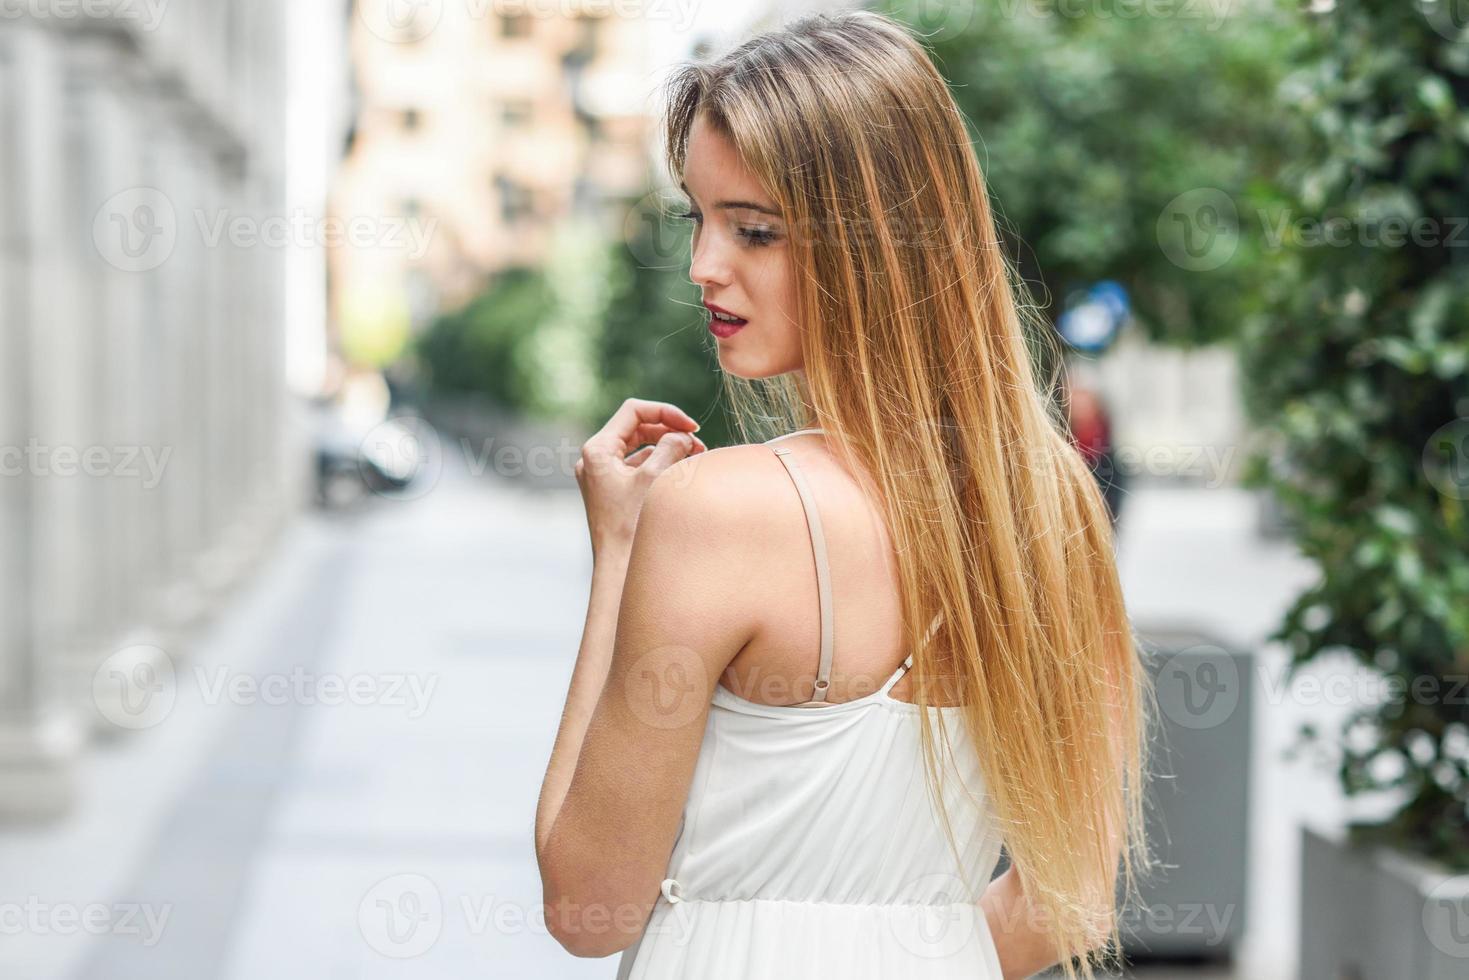 bella ragazza bionda in background urbano foto